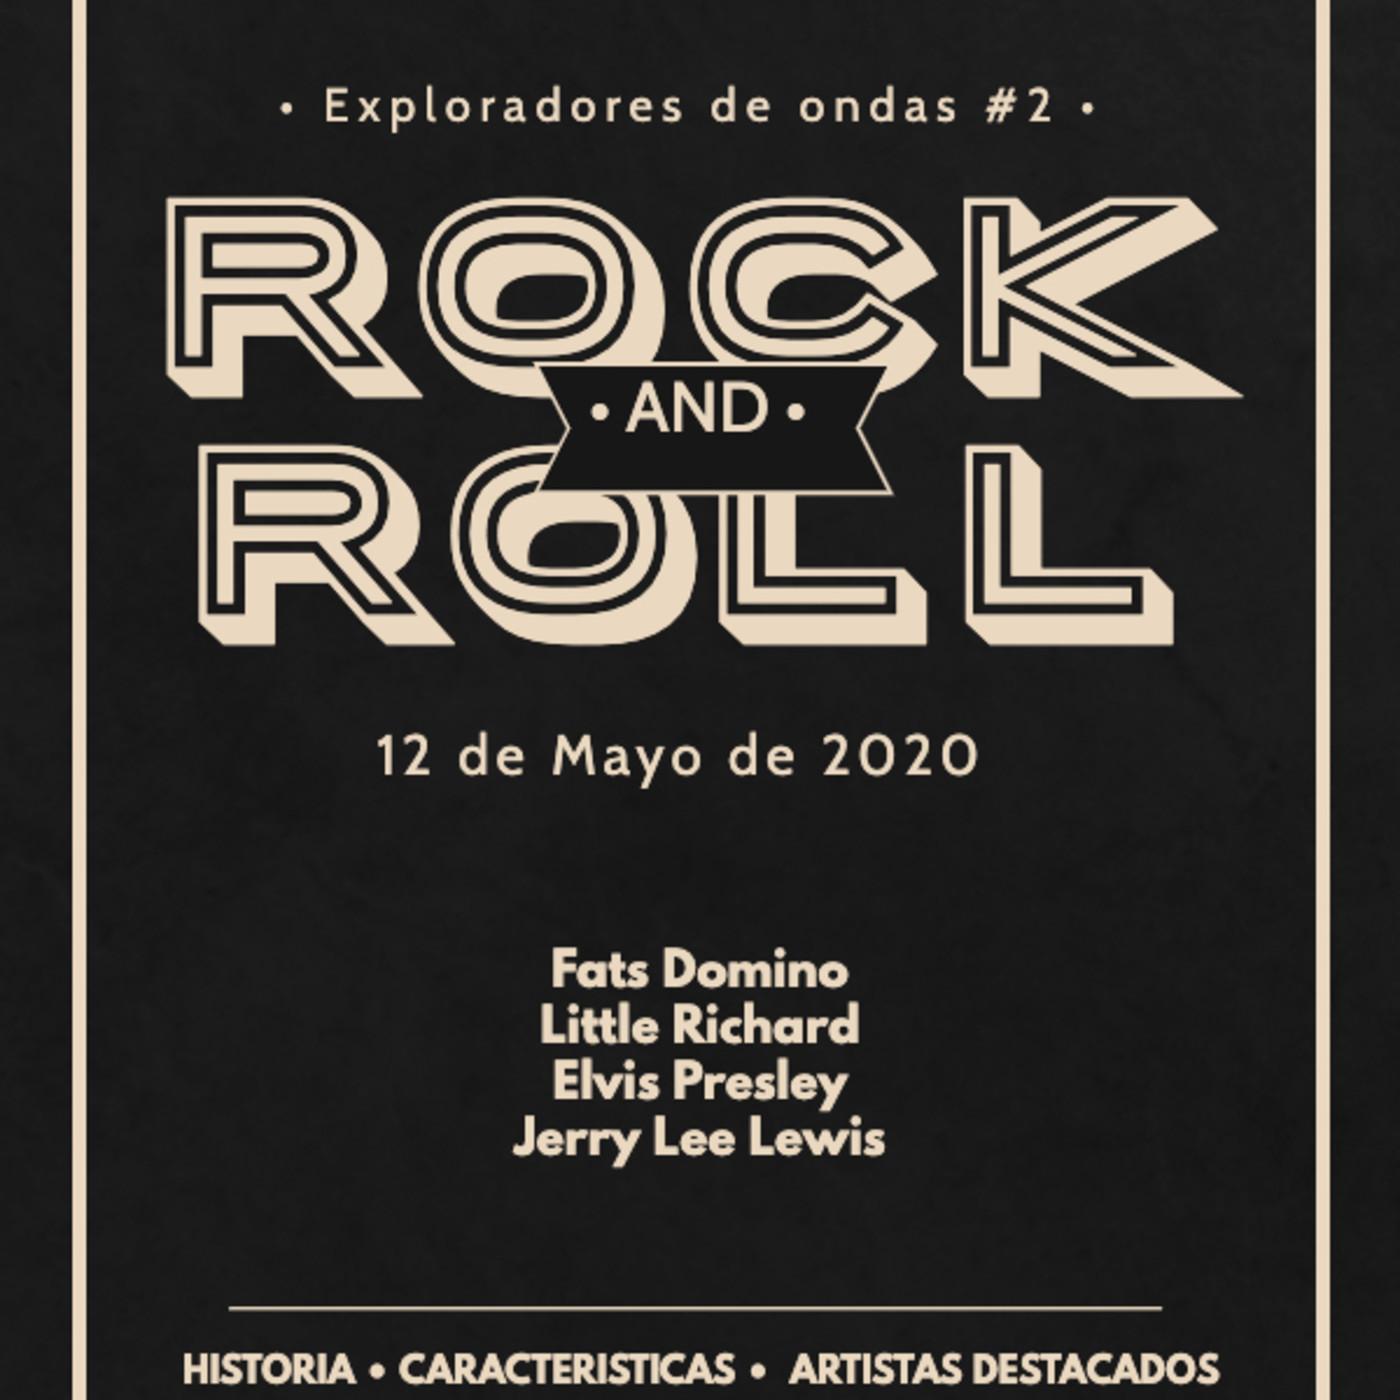 Exploradores de Ondas #2 Rock and roll